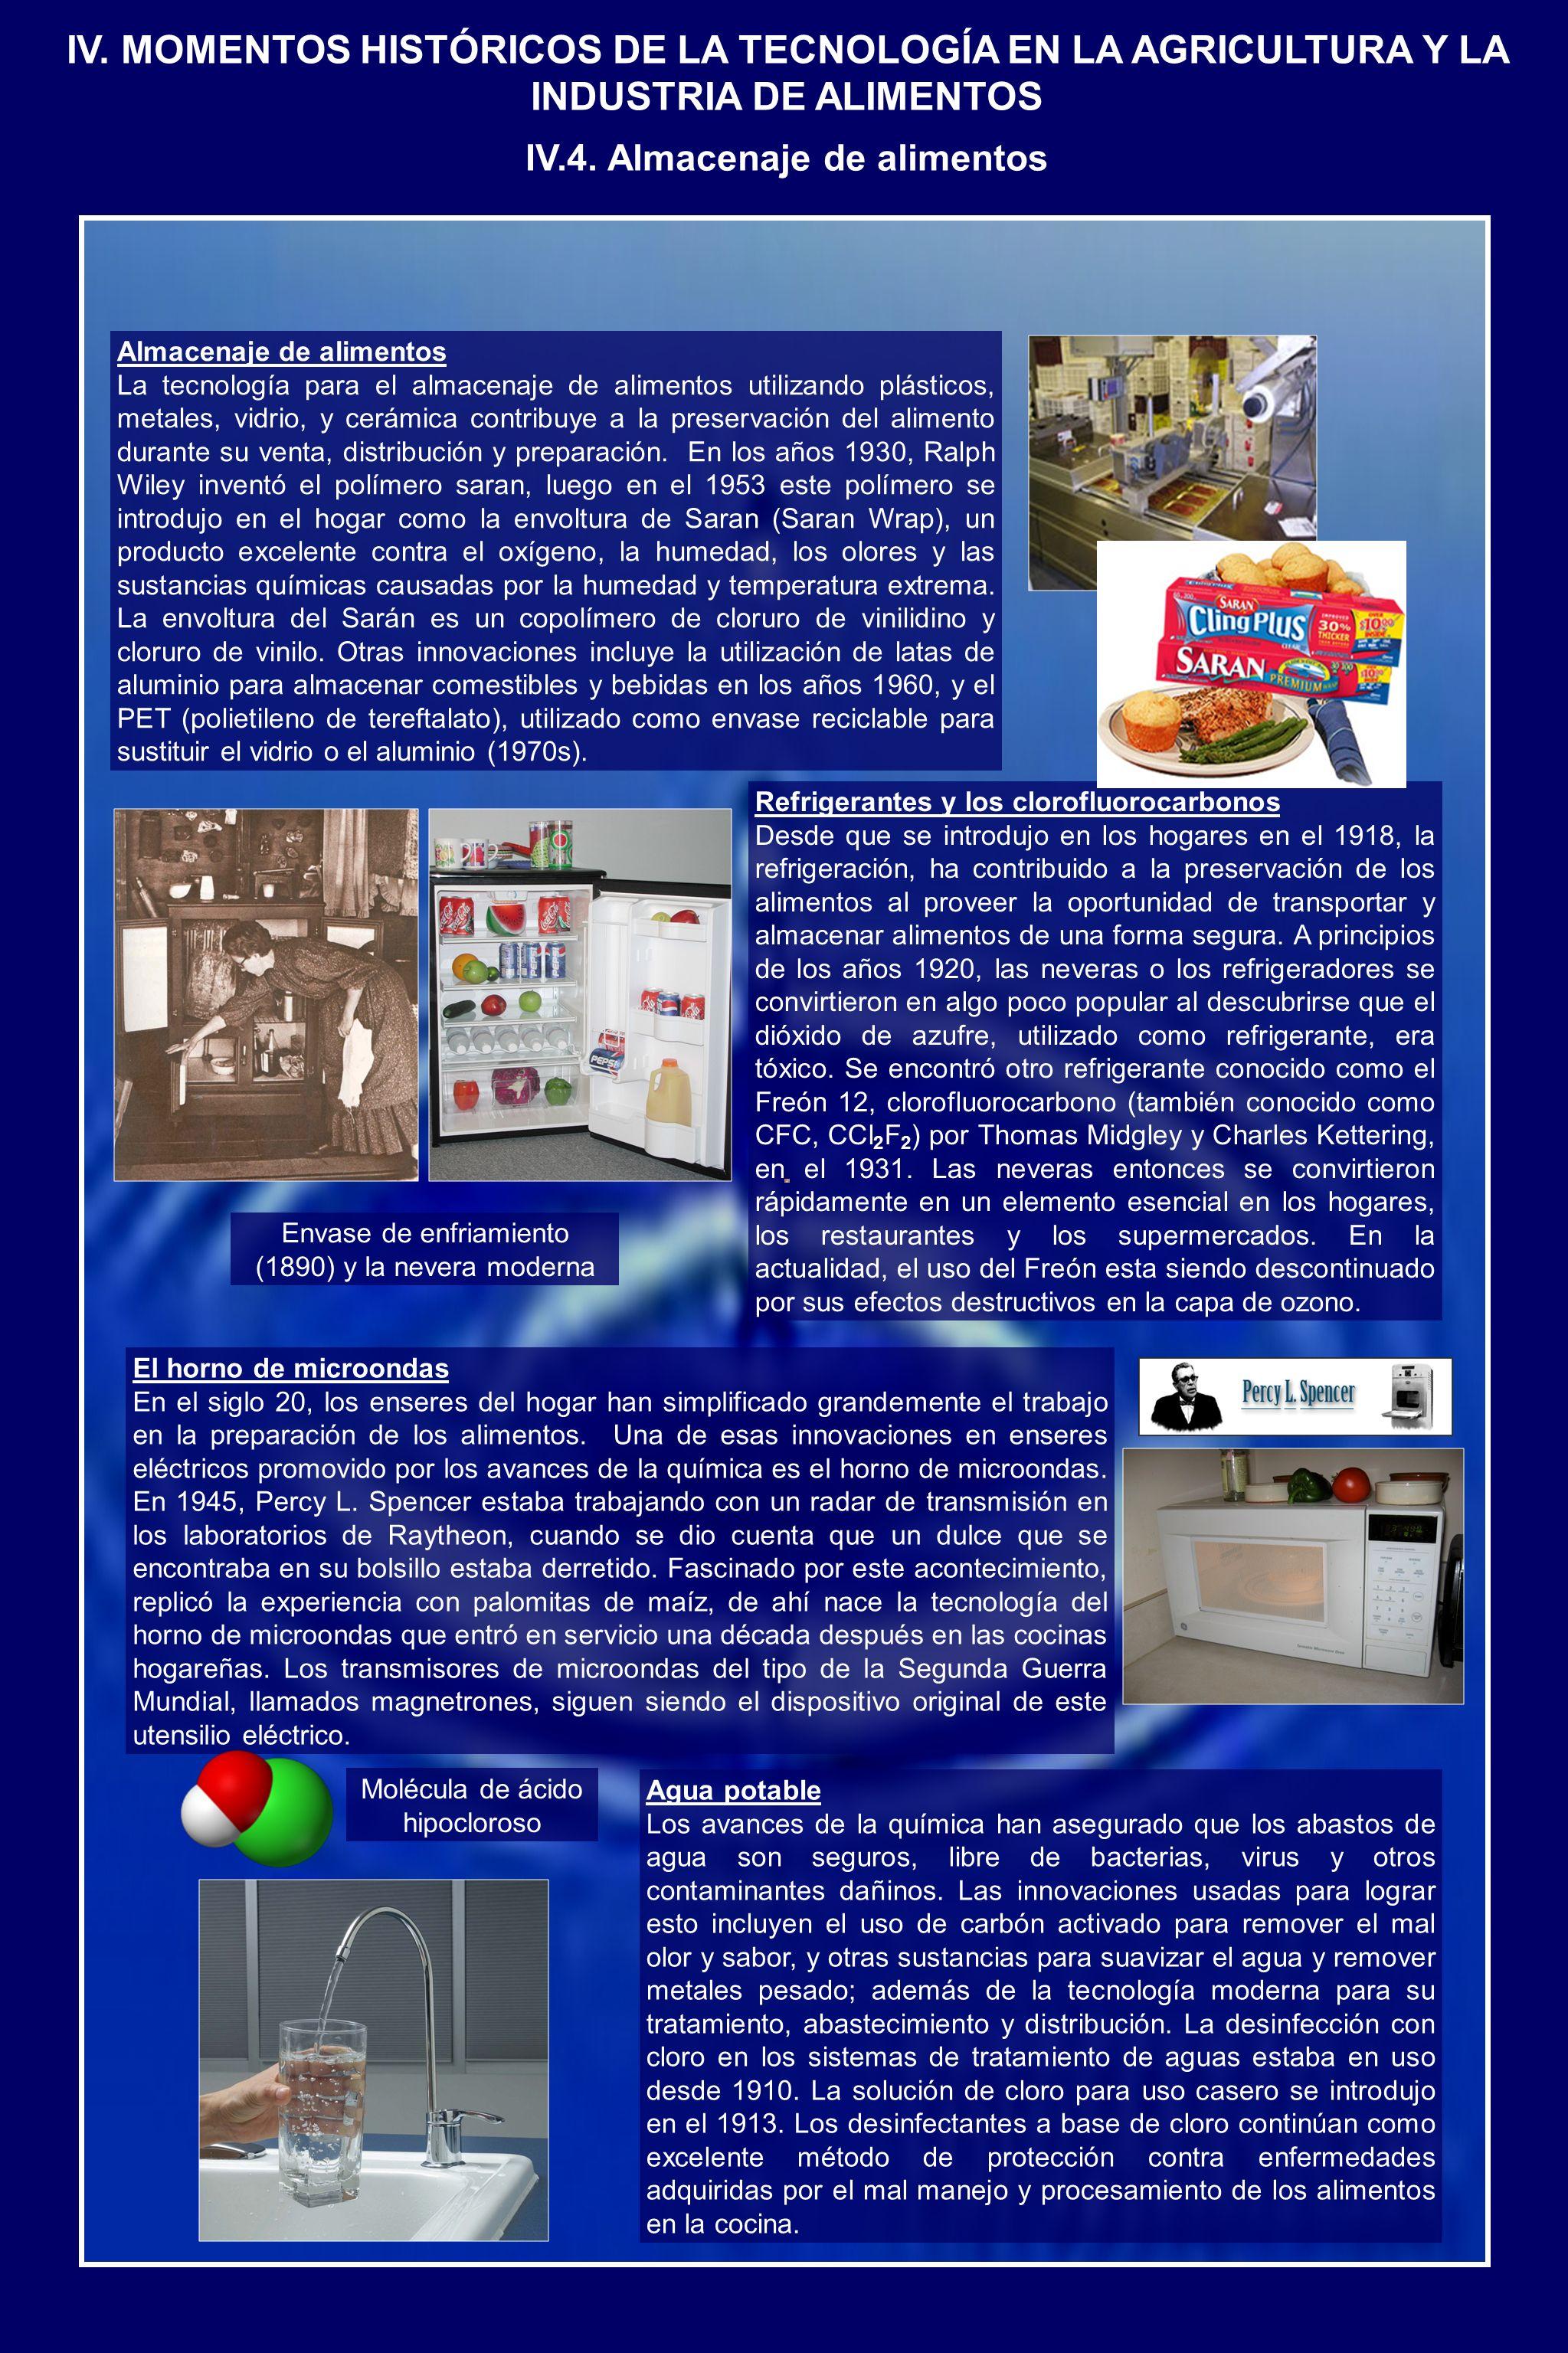 Almacenaje de alimentos La tecnología para el almacenaje de alimentos utilizando plásticos, metales, vidrio, y cerámica contribuye a la preservación del alimento durante su venta, distribución y preparación.